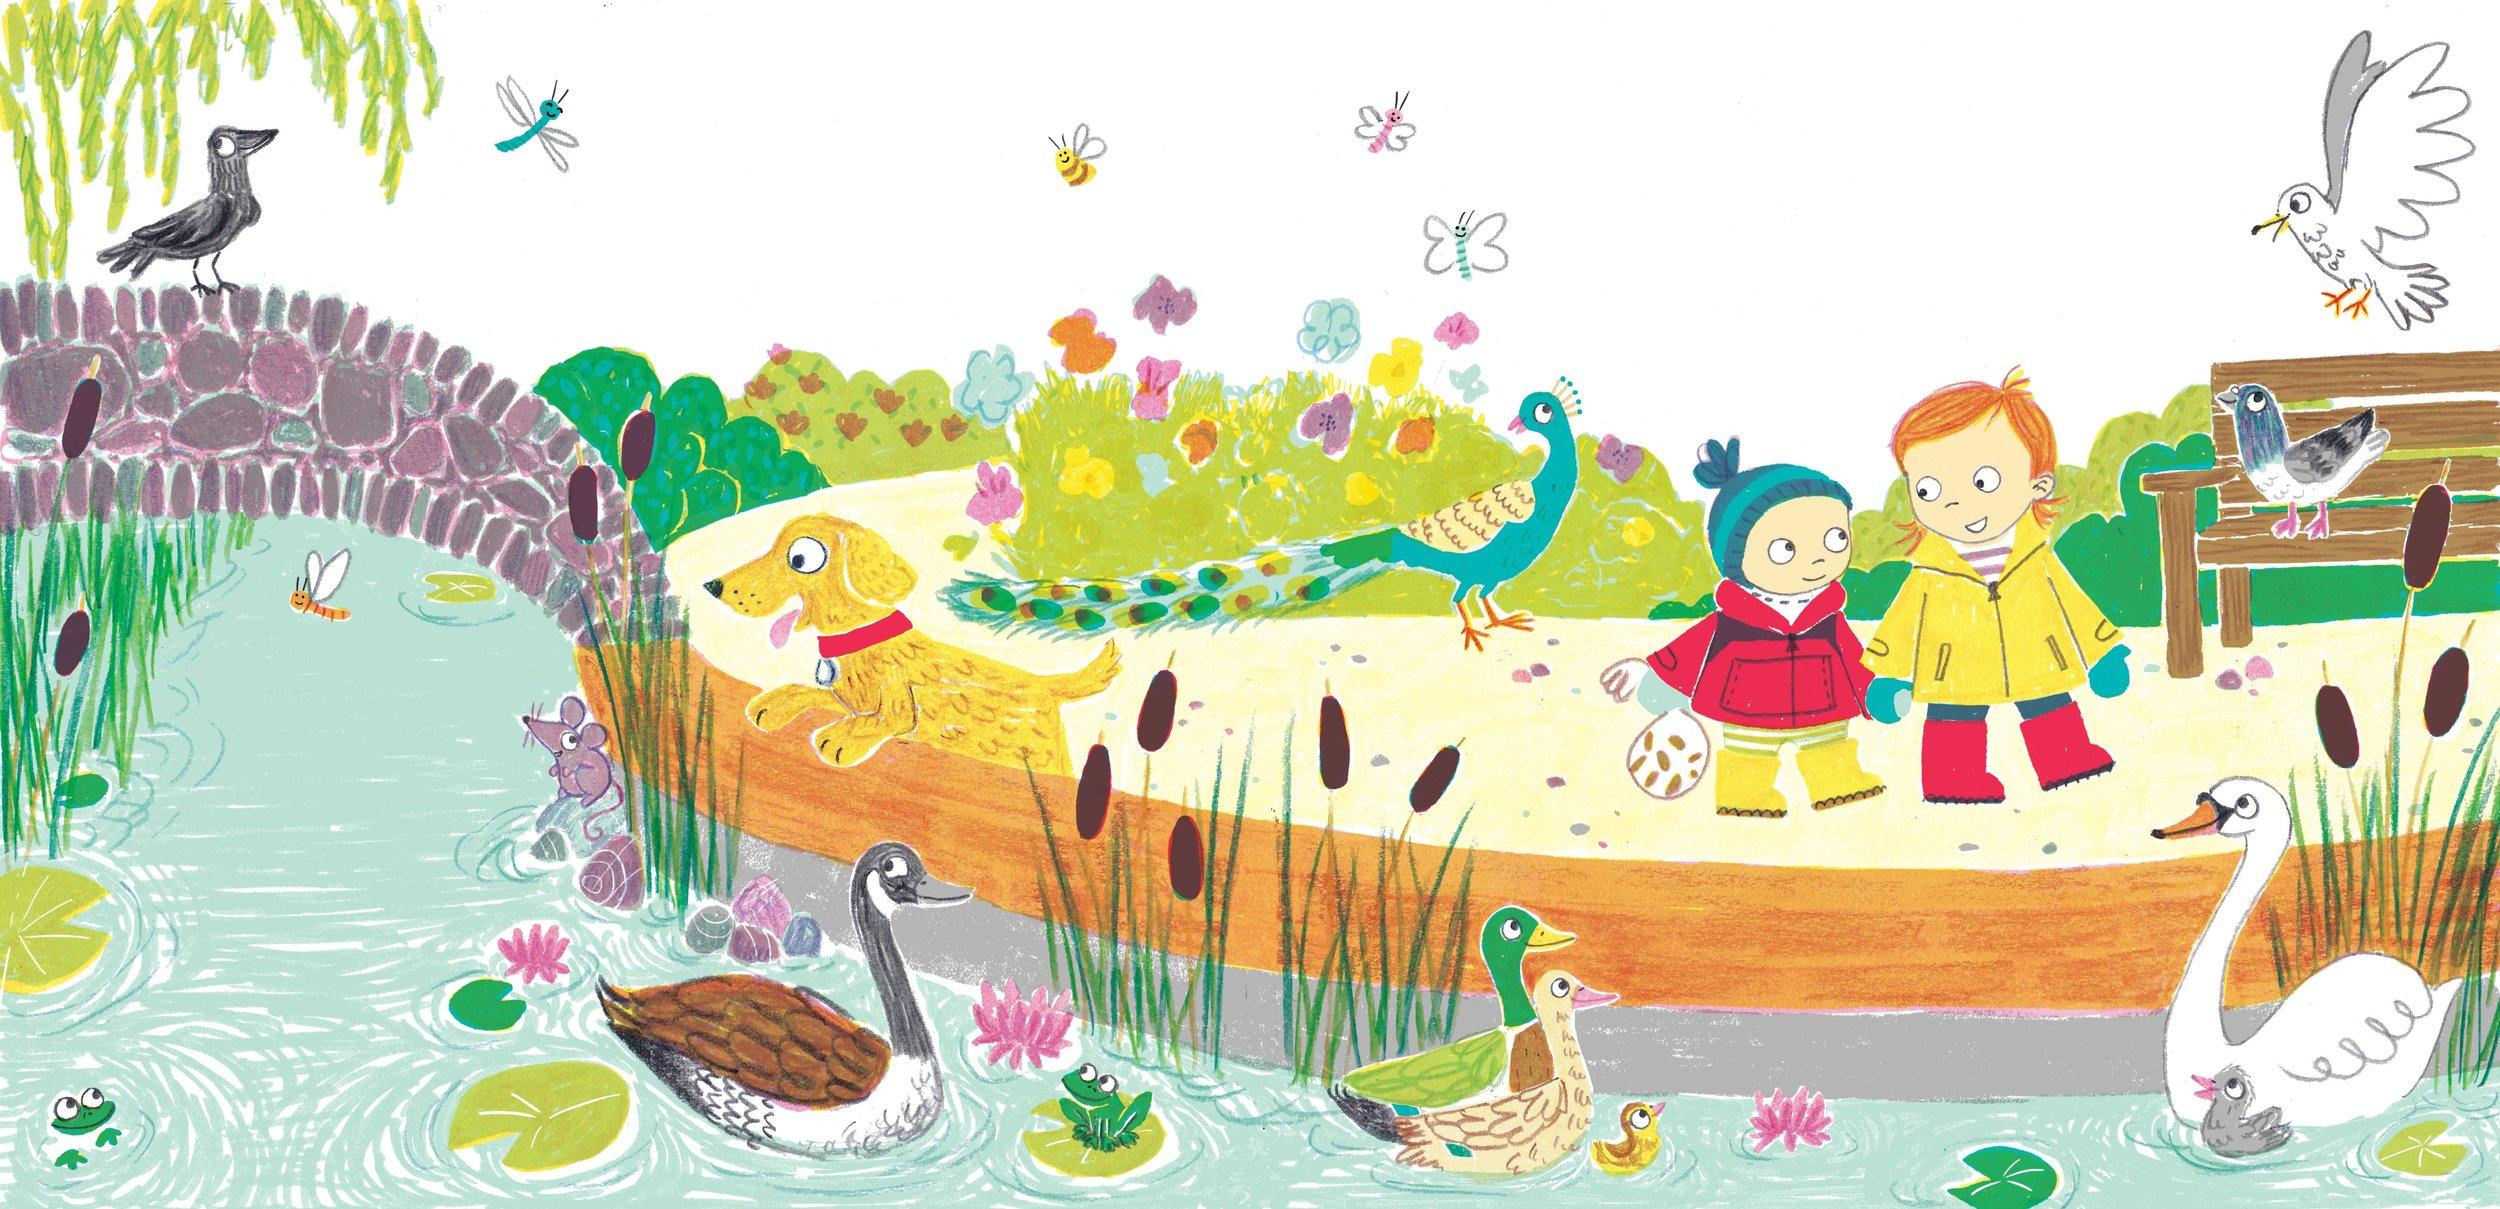 ducks final 1 for website.jpg